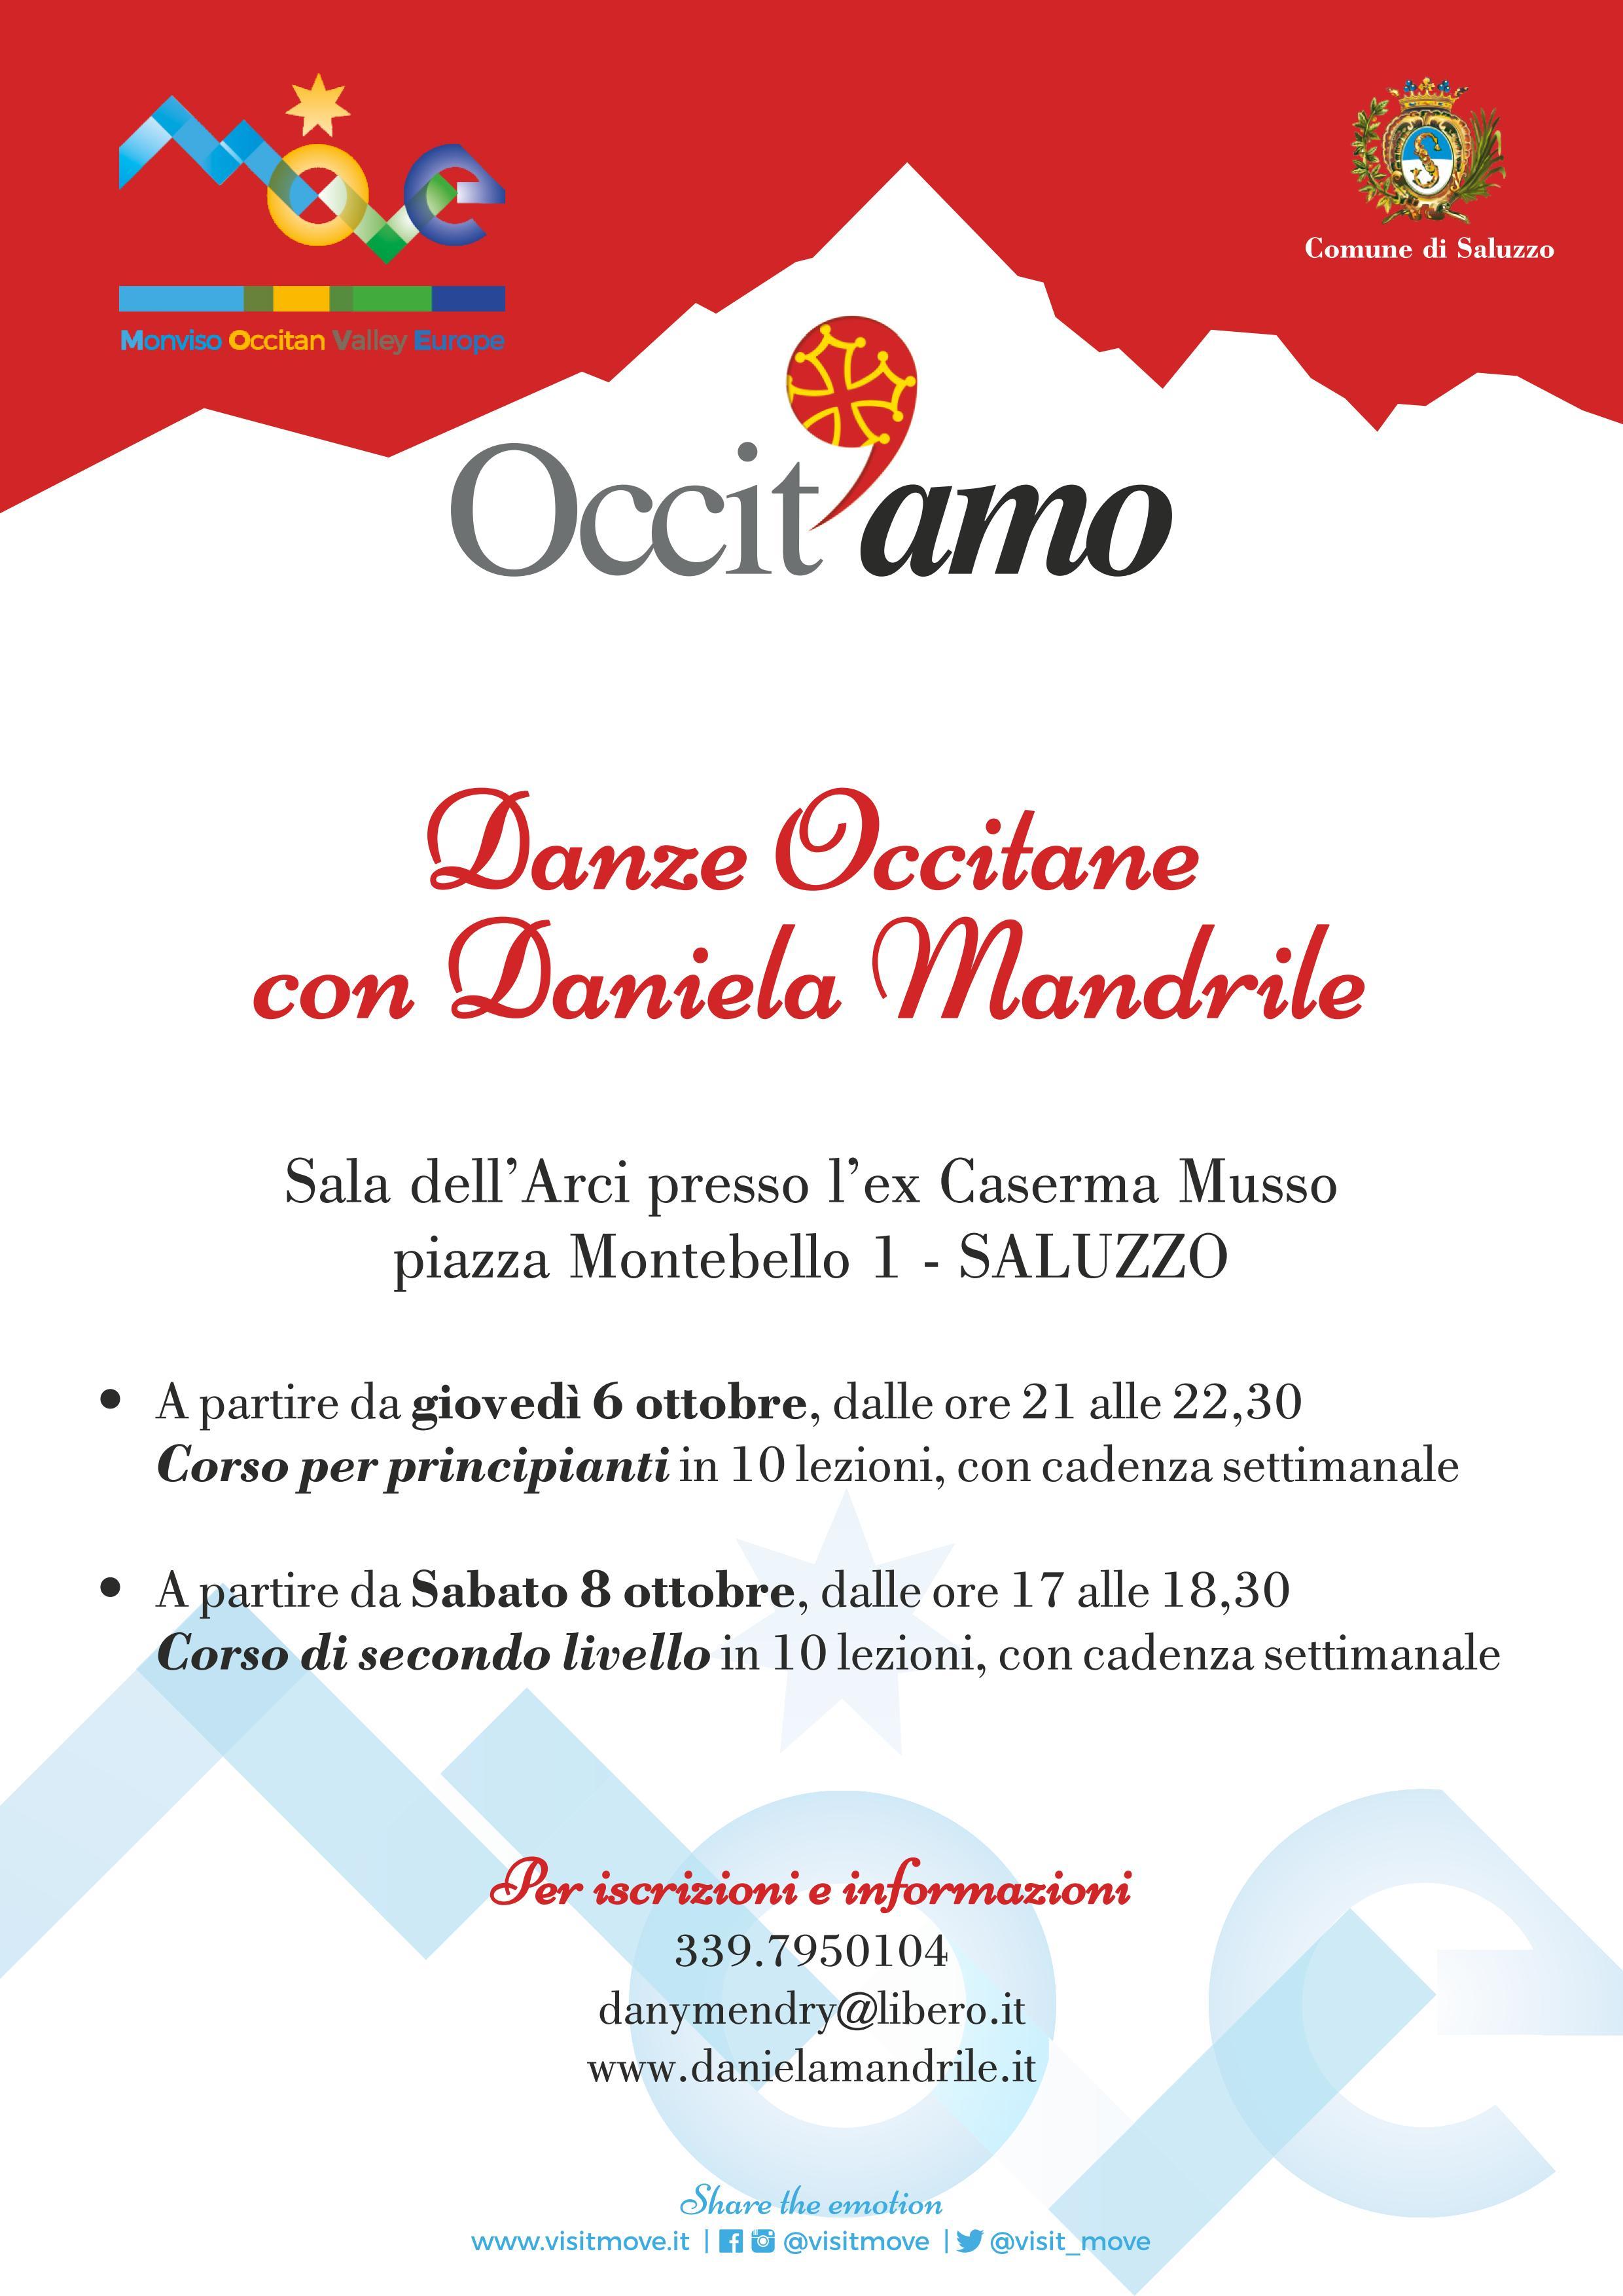 corso-danze-occitane